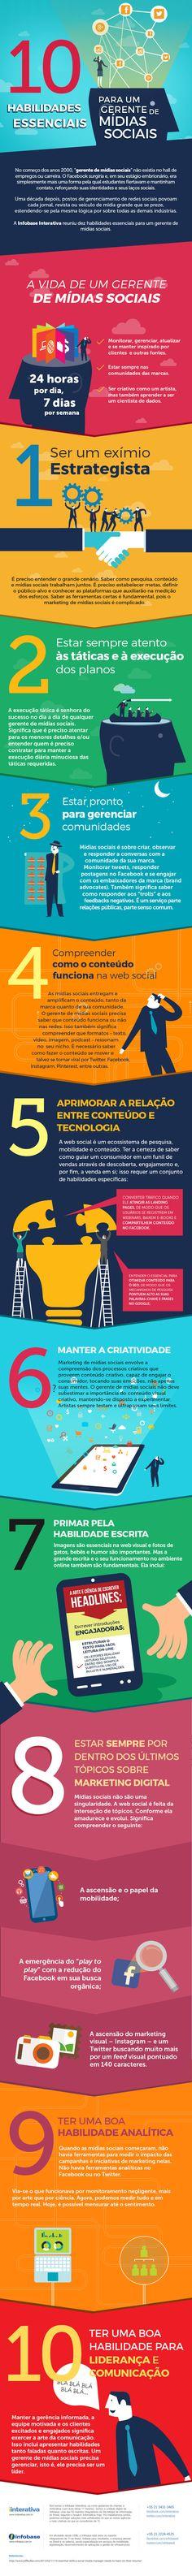 Infográfico – 10 habilidades essenciais para um gerente de mídias sociais